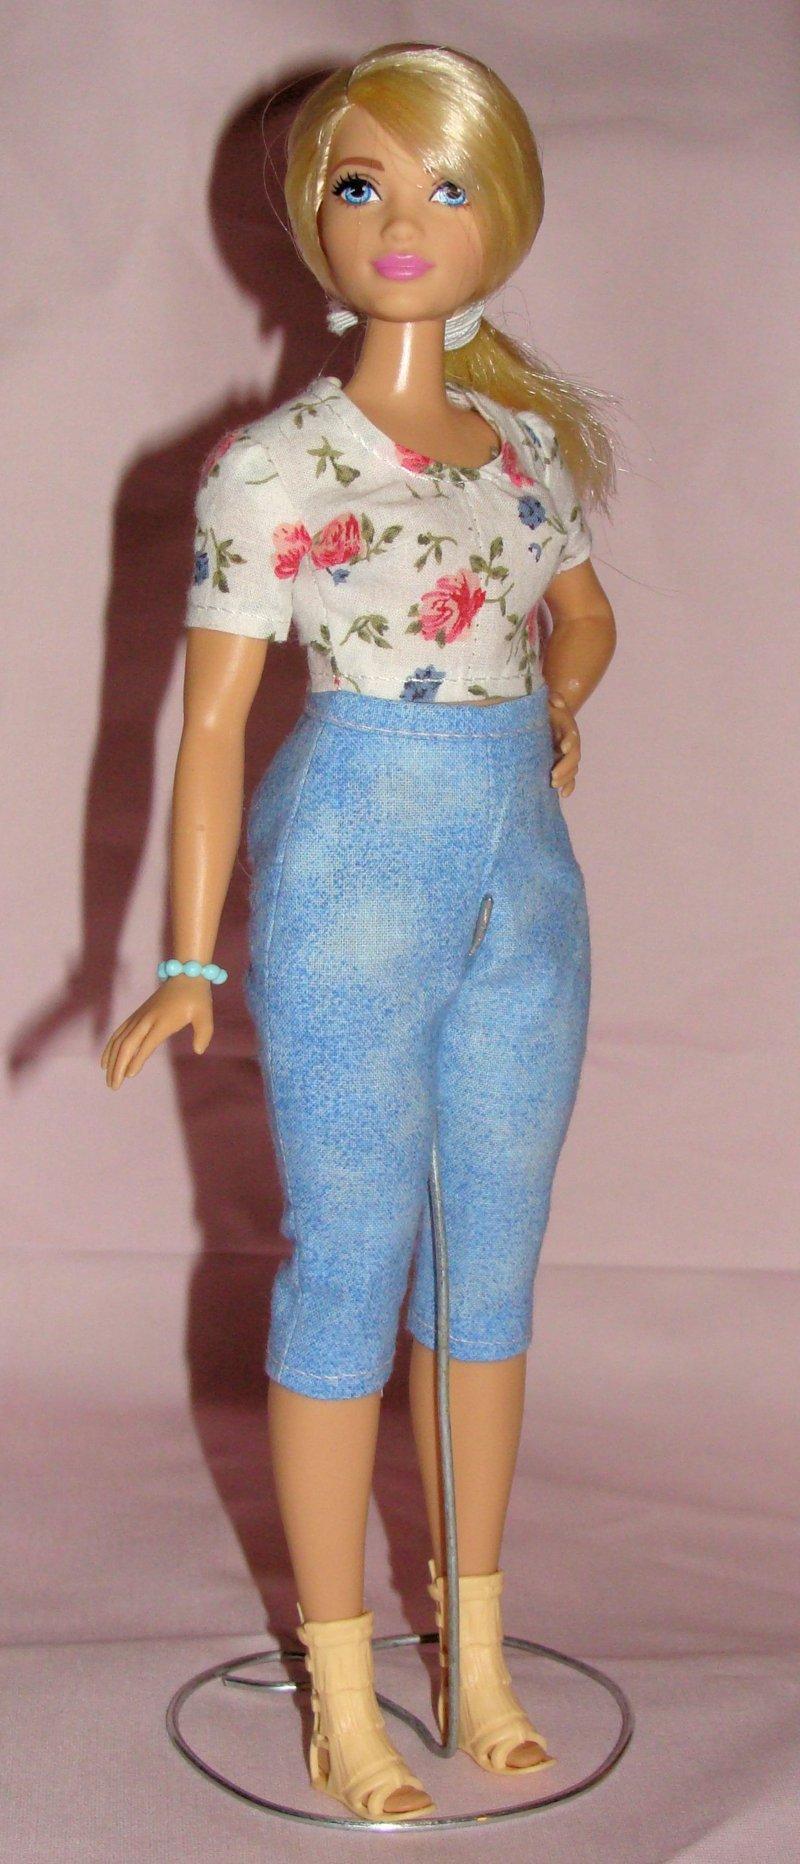 Barbie Kleidung selber machen mollige Puppe